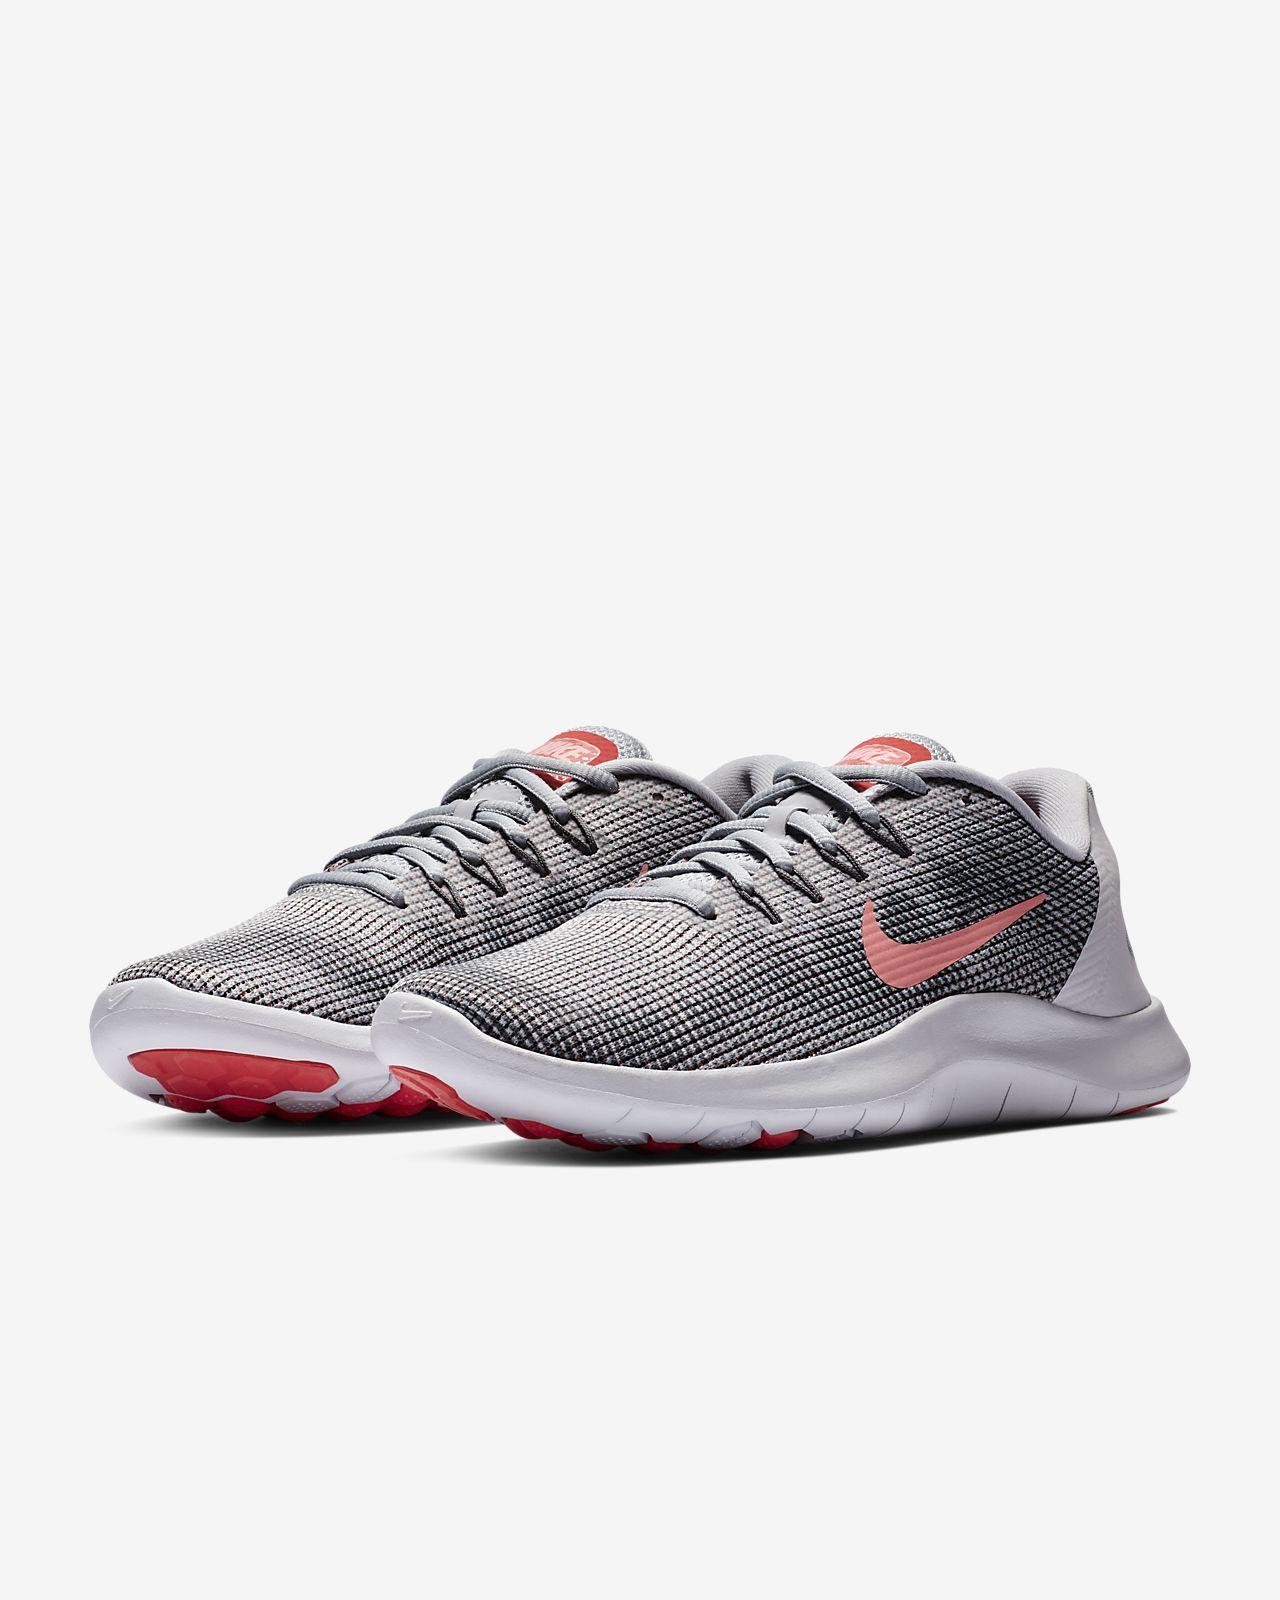 online retailer 23a72 3378f ... Chaussure de running Nike Flex RN 2018 pour Femme